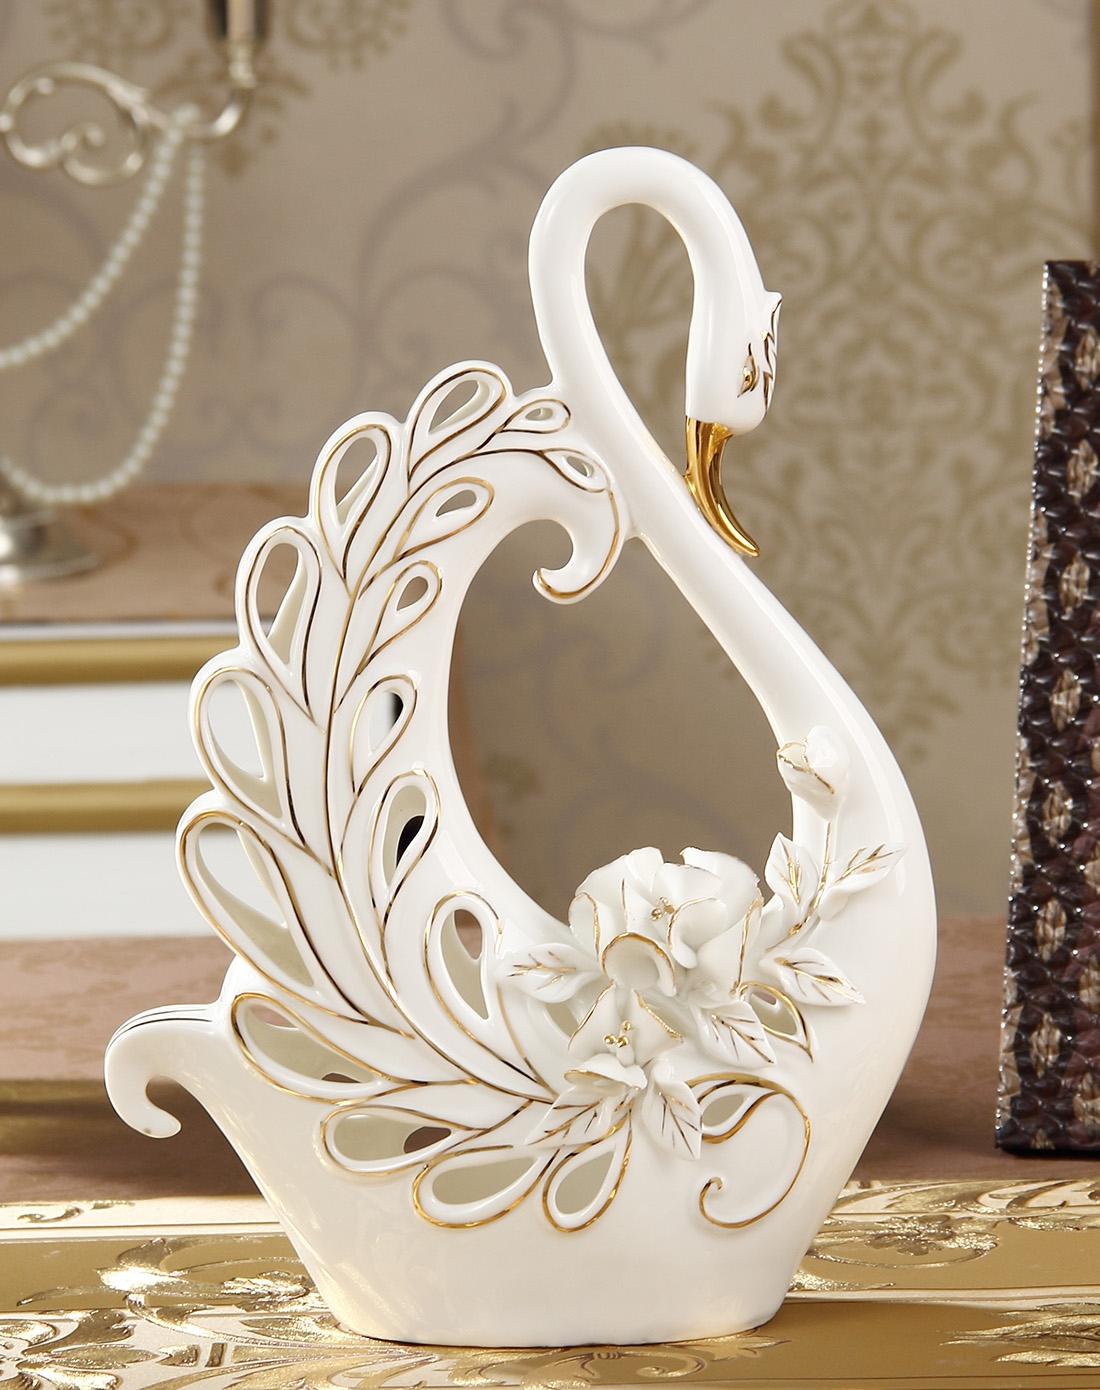 欧式时尚简约镂空雕花陶瓷摆件-c图片